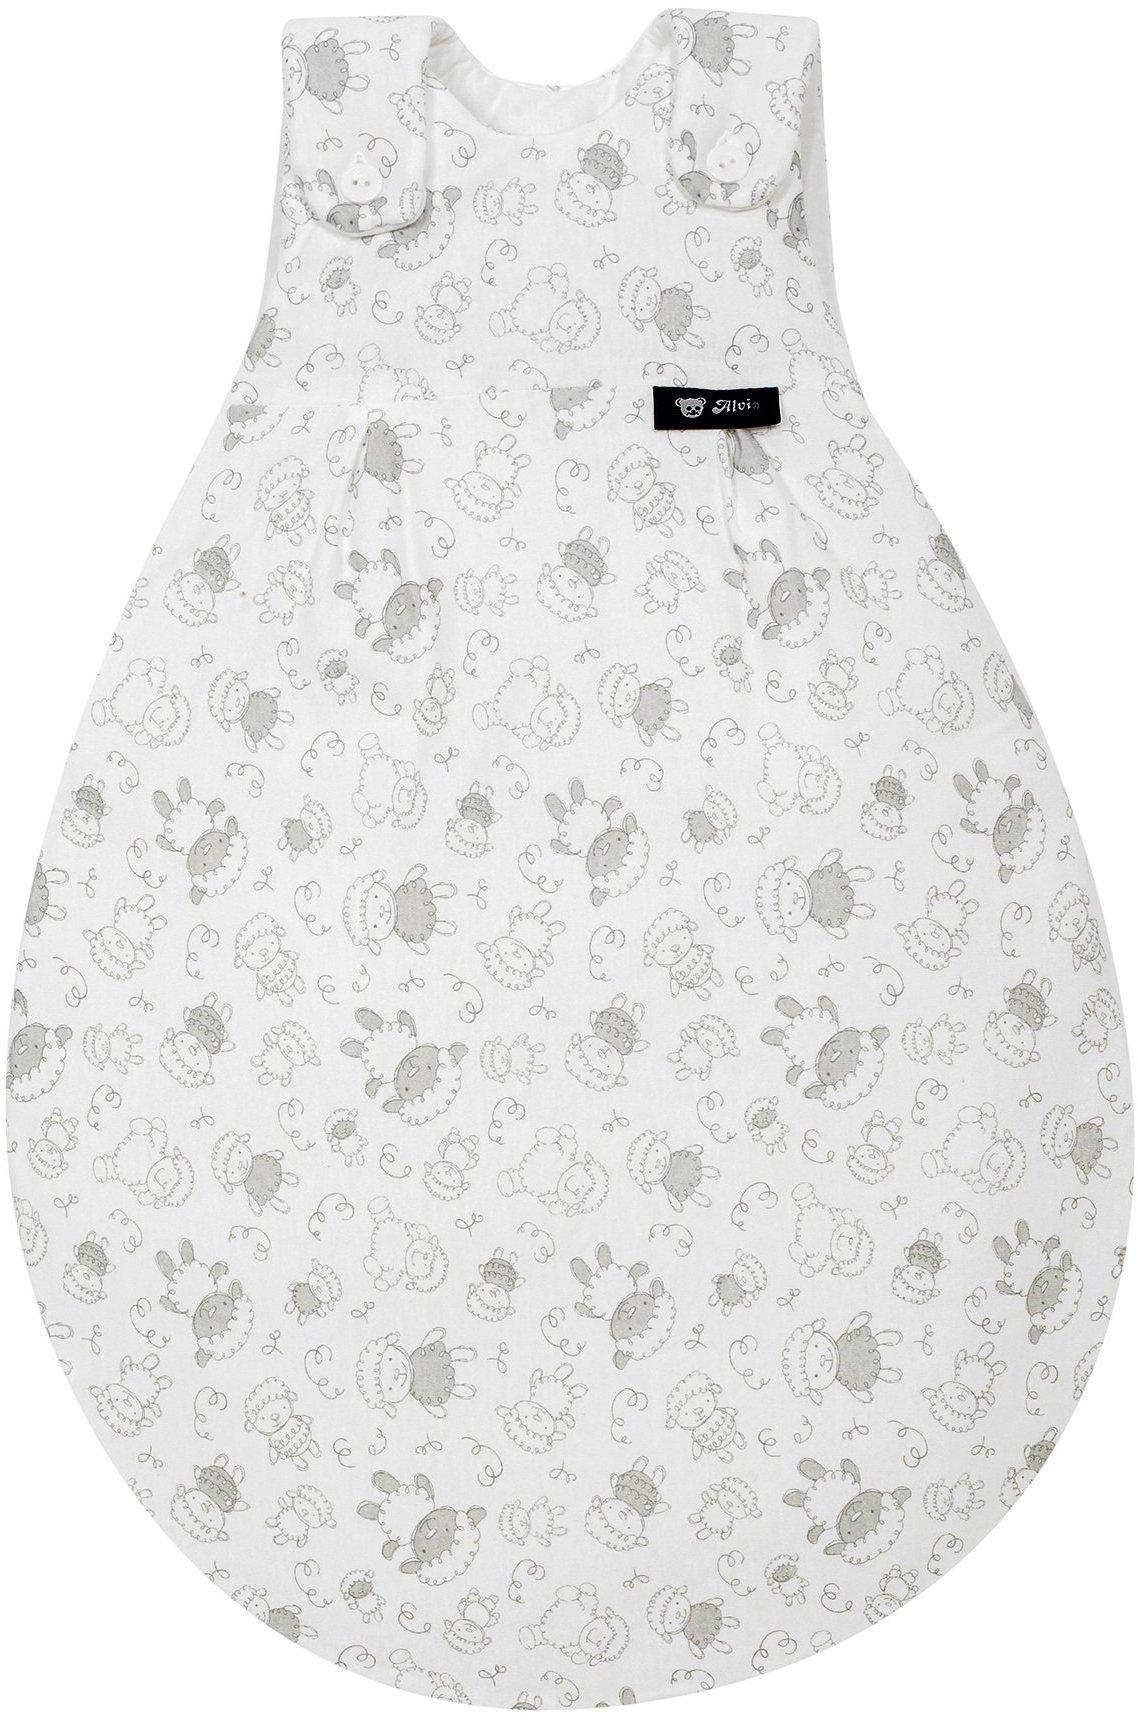 Alvi Baby Mäxchen Außensack Größe 80//86 dots weiß 924-9